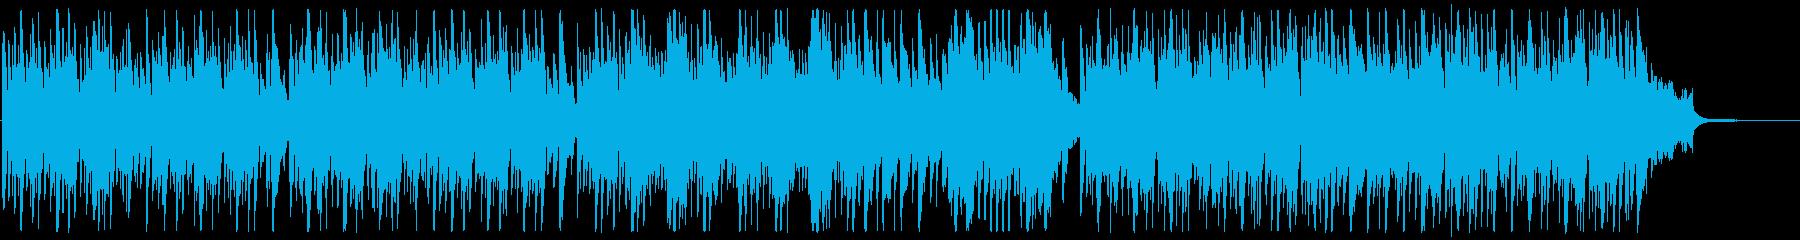 ほのぼの軽快なポップスの再生済みの波形